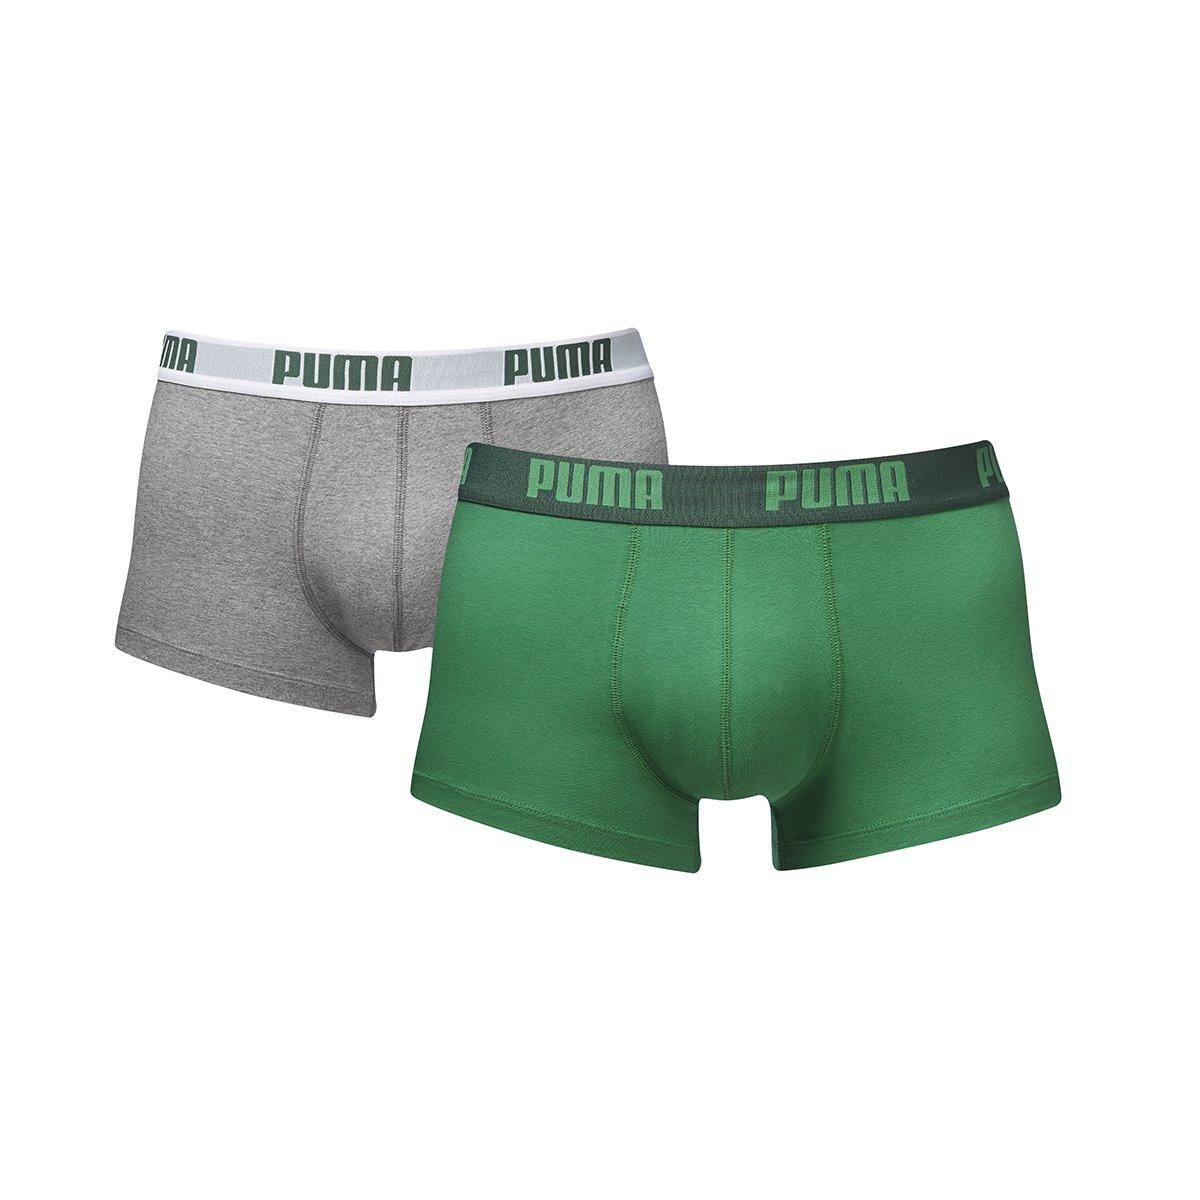 TALLA L. Puma Basic Trunk 2P, Boxer hombre (Pack de 2)